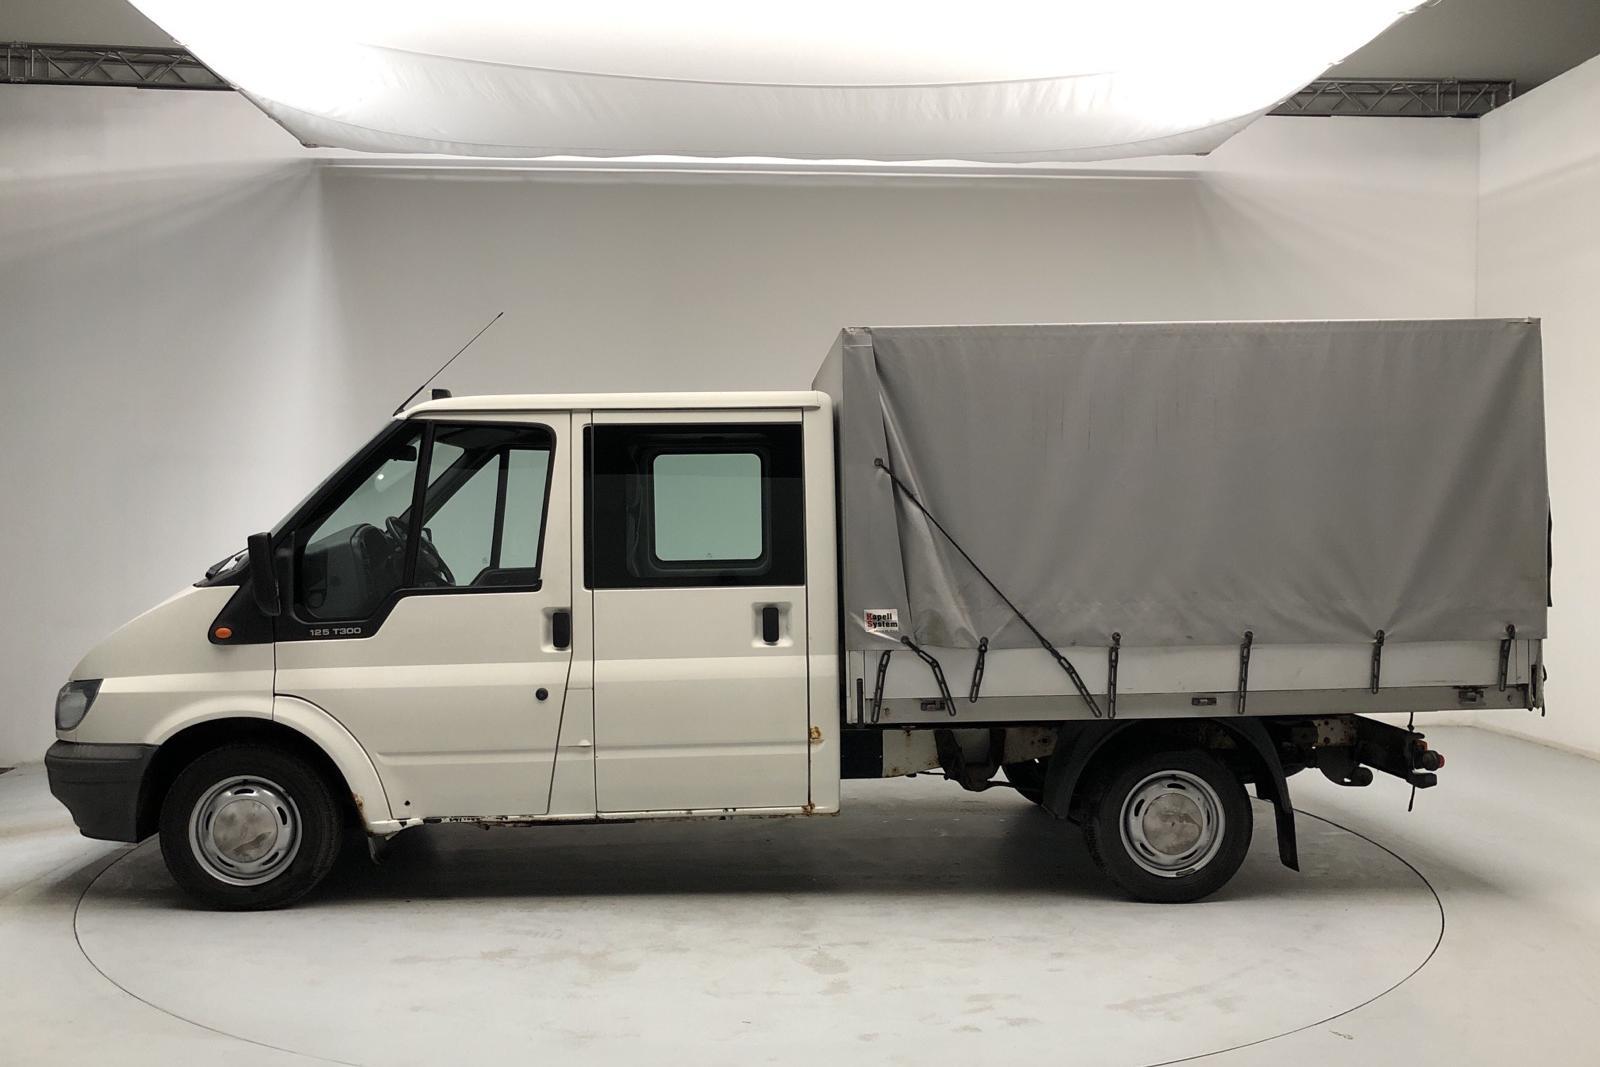 Ford Transit 300 2.0 TDCi Pickup (125hk) - 166 560 km - Manual - white - 2006